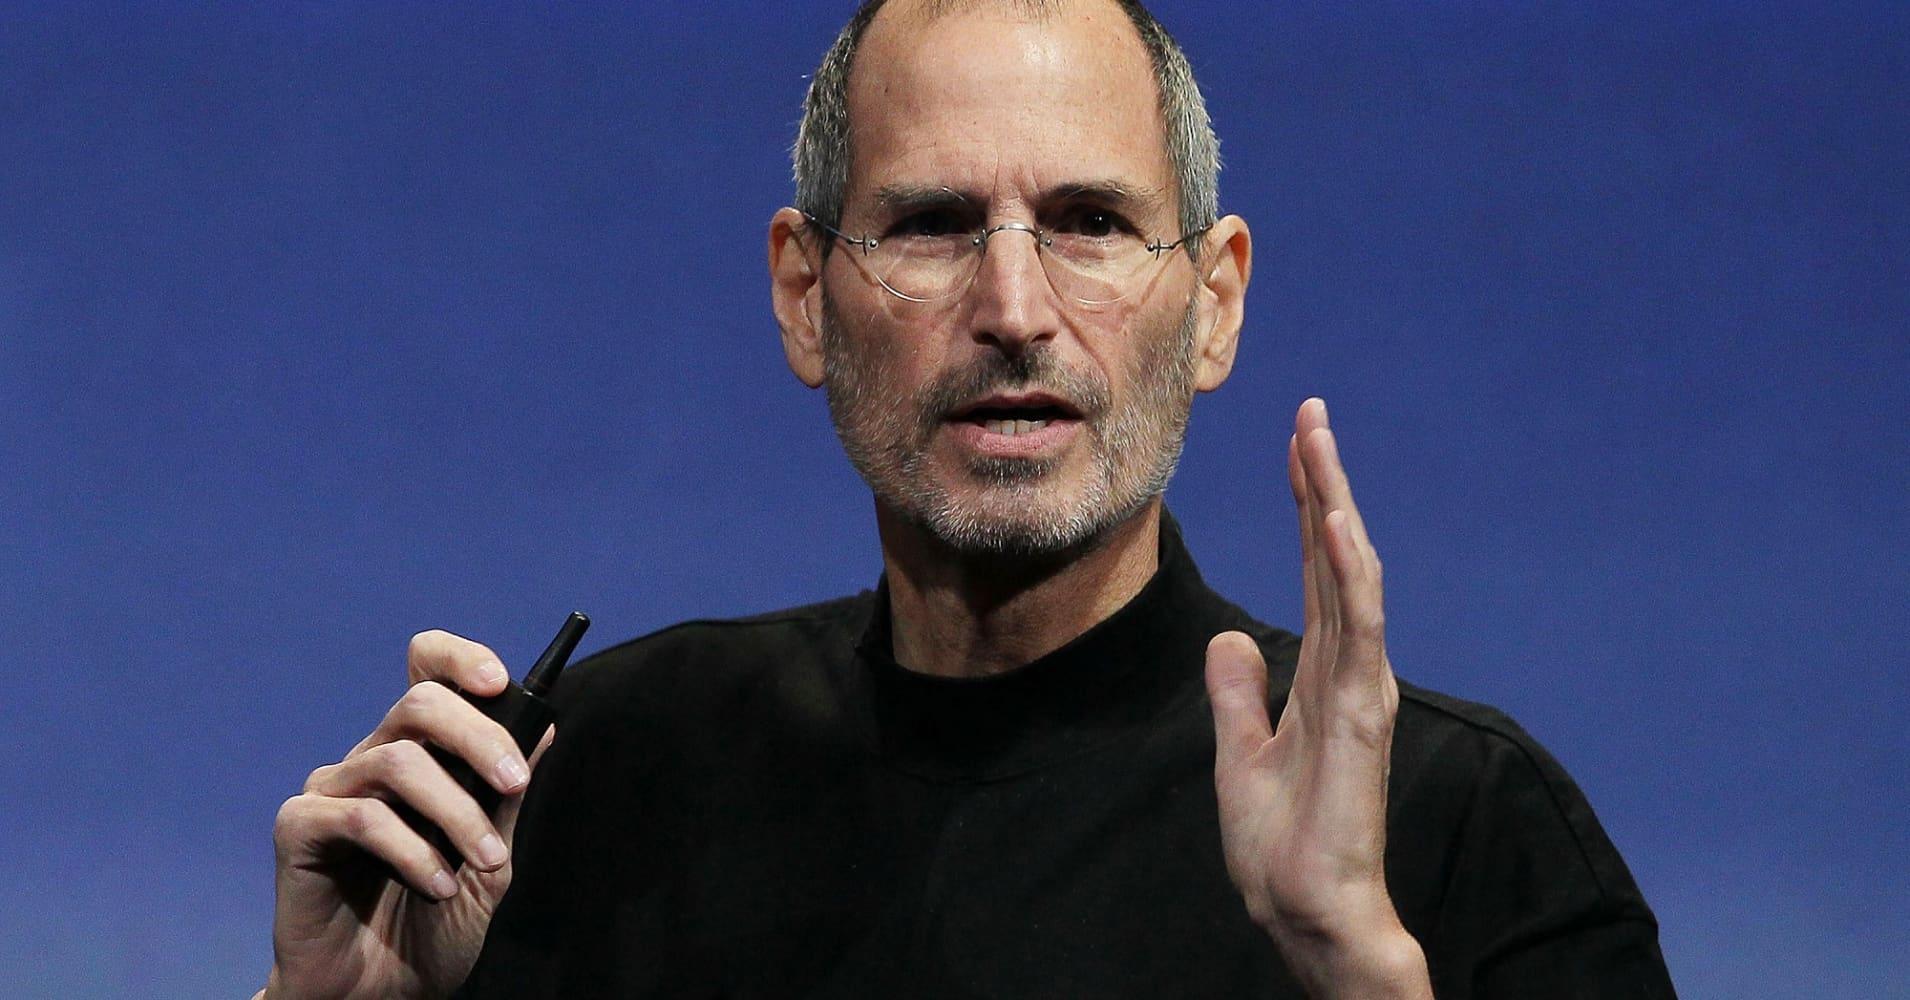 Steve Jobs, co-founder of Apple